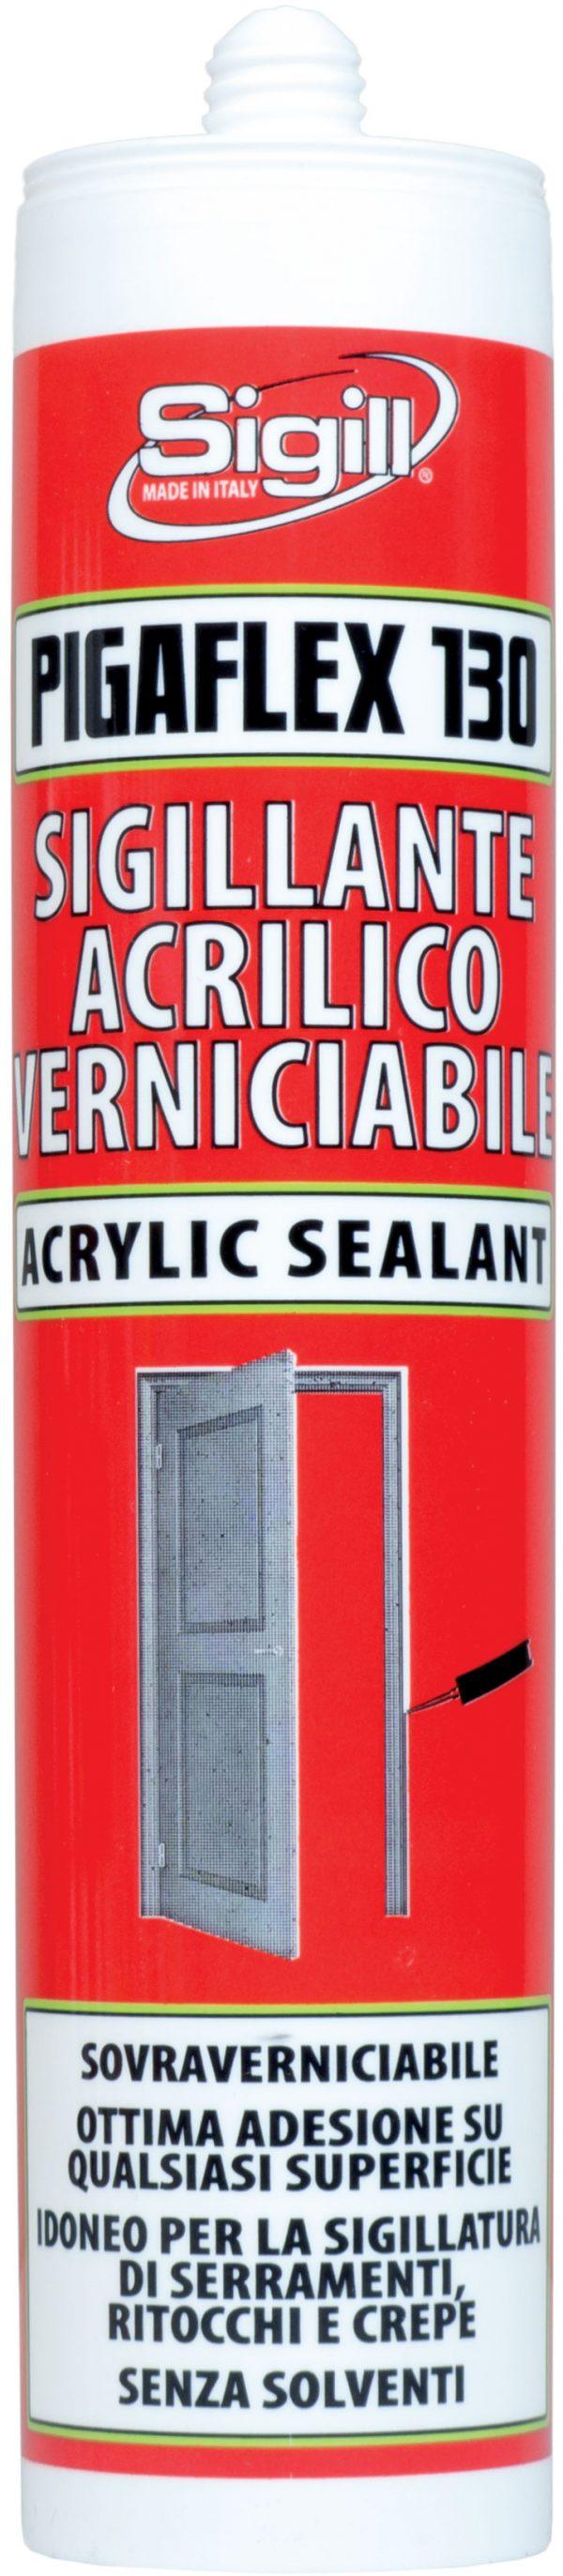 Multipurpose acrylic sealant PIGAFLEX 130